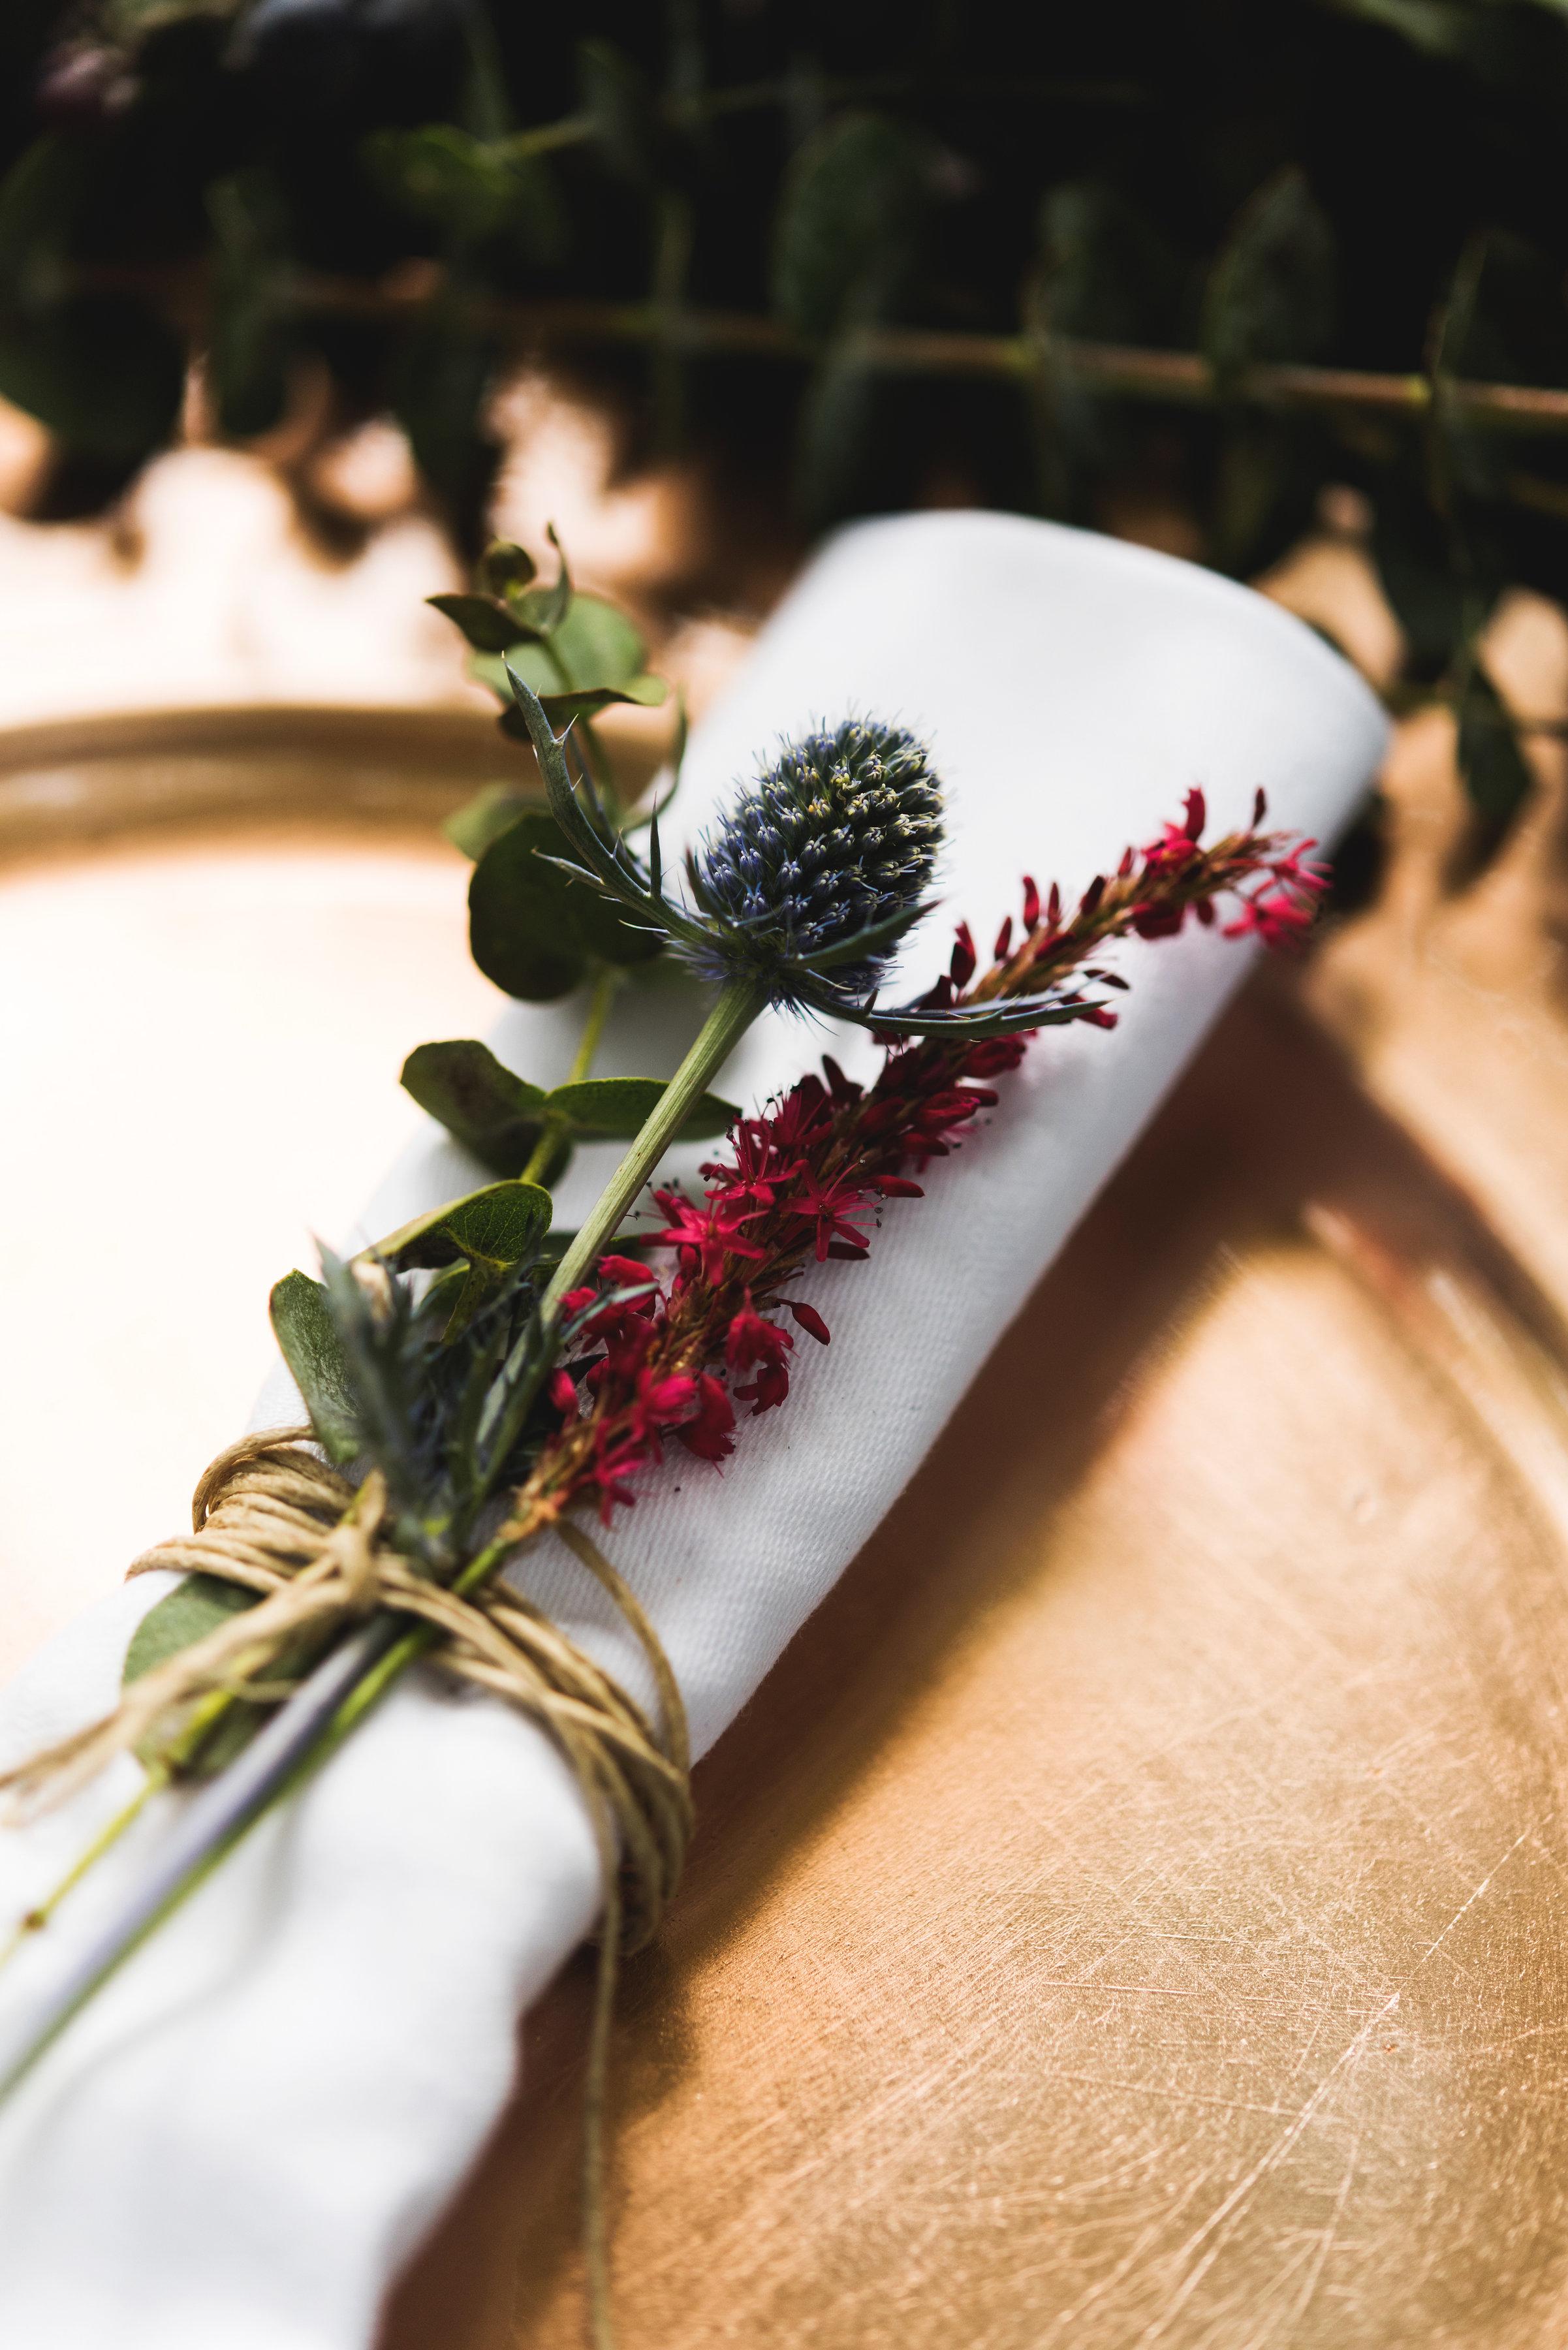 Table4You-SfeervolleTafelsmetPersoonlijkeTouch-Styled-Shoot-Provence-Wijn-MandyAileenFotografie